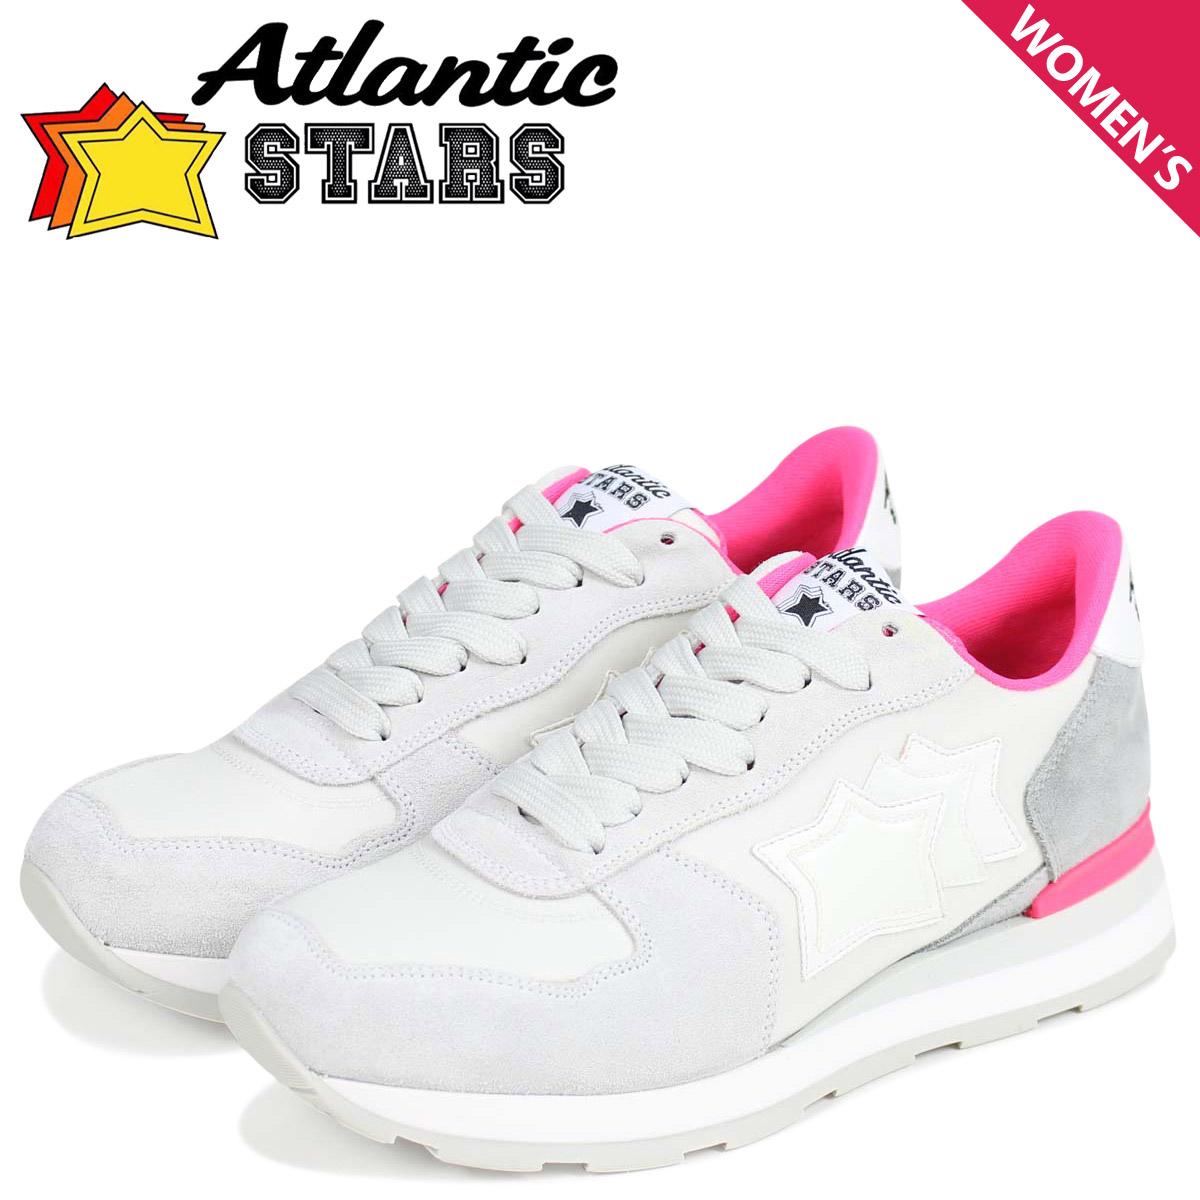 【海外限定】 Atlantic STARS VEGA レディース CP-86FF スニーカー アトランティックスターズ ベガ VEGA ベガ CP-86FF ライトグレー, ヨシダグン:61a5988e --- clftranspo.dominiotemporario.com